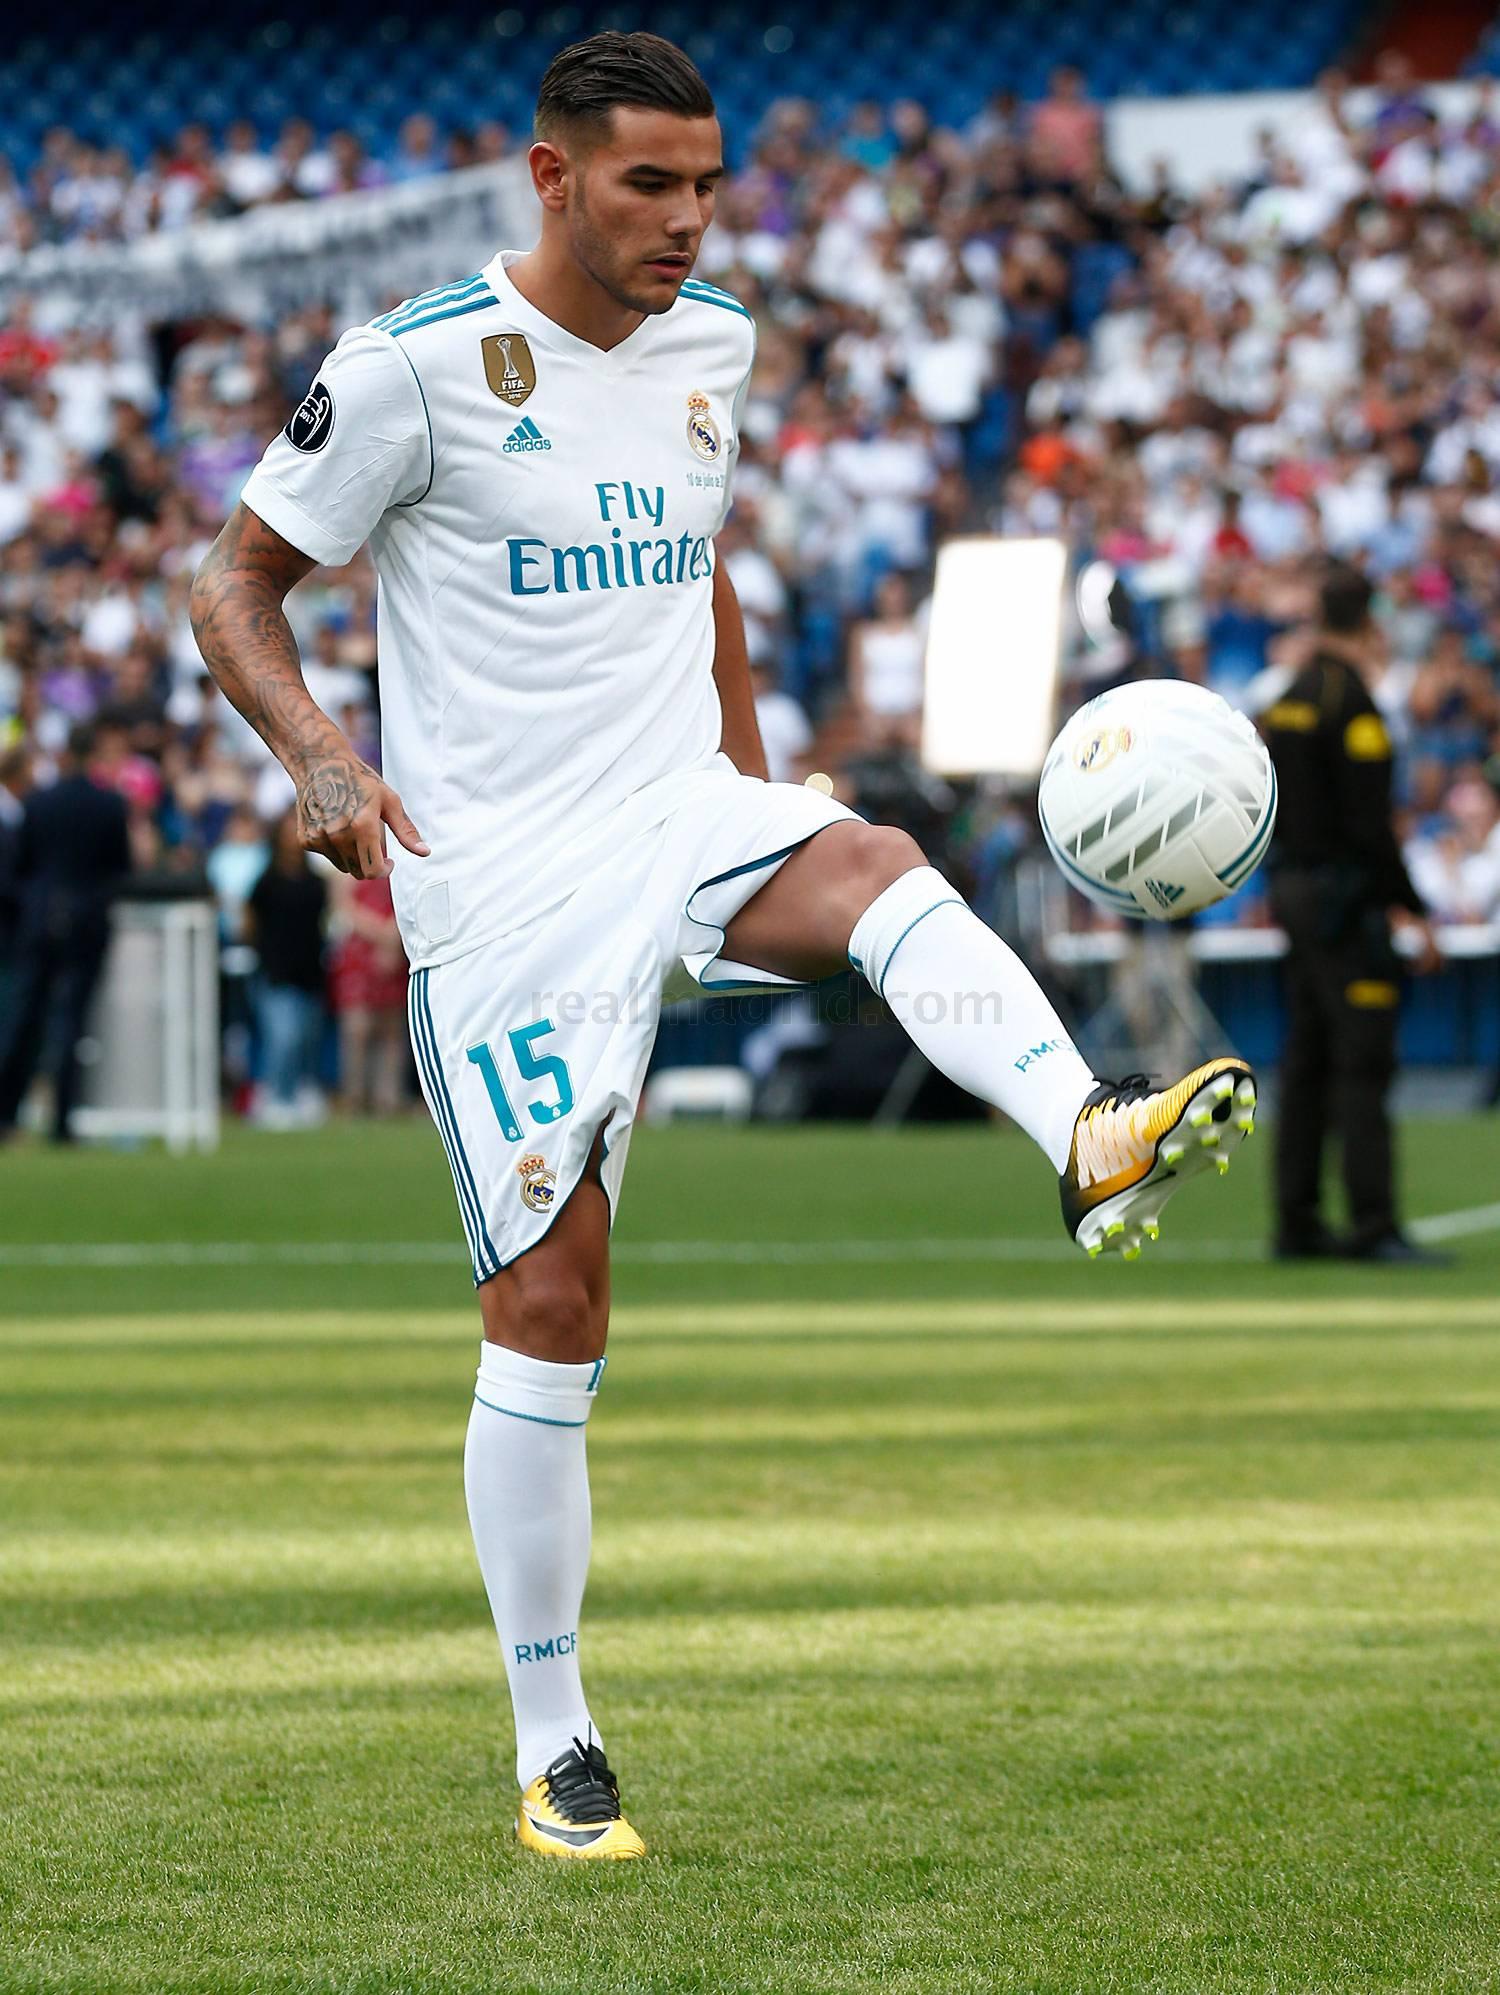 أول تعليق لثيو هرنانديز بعد انضمامه إلى ريال مدريد